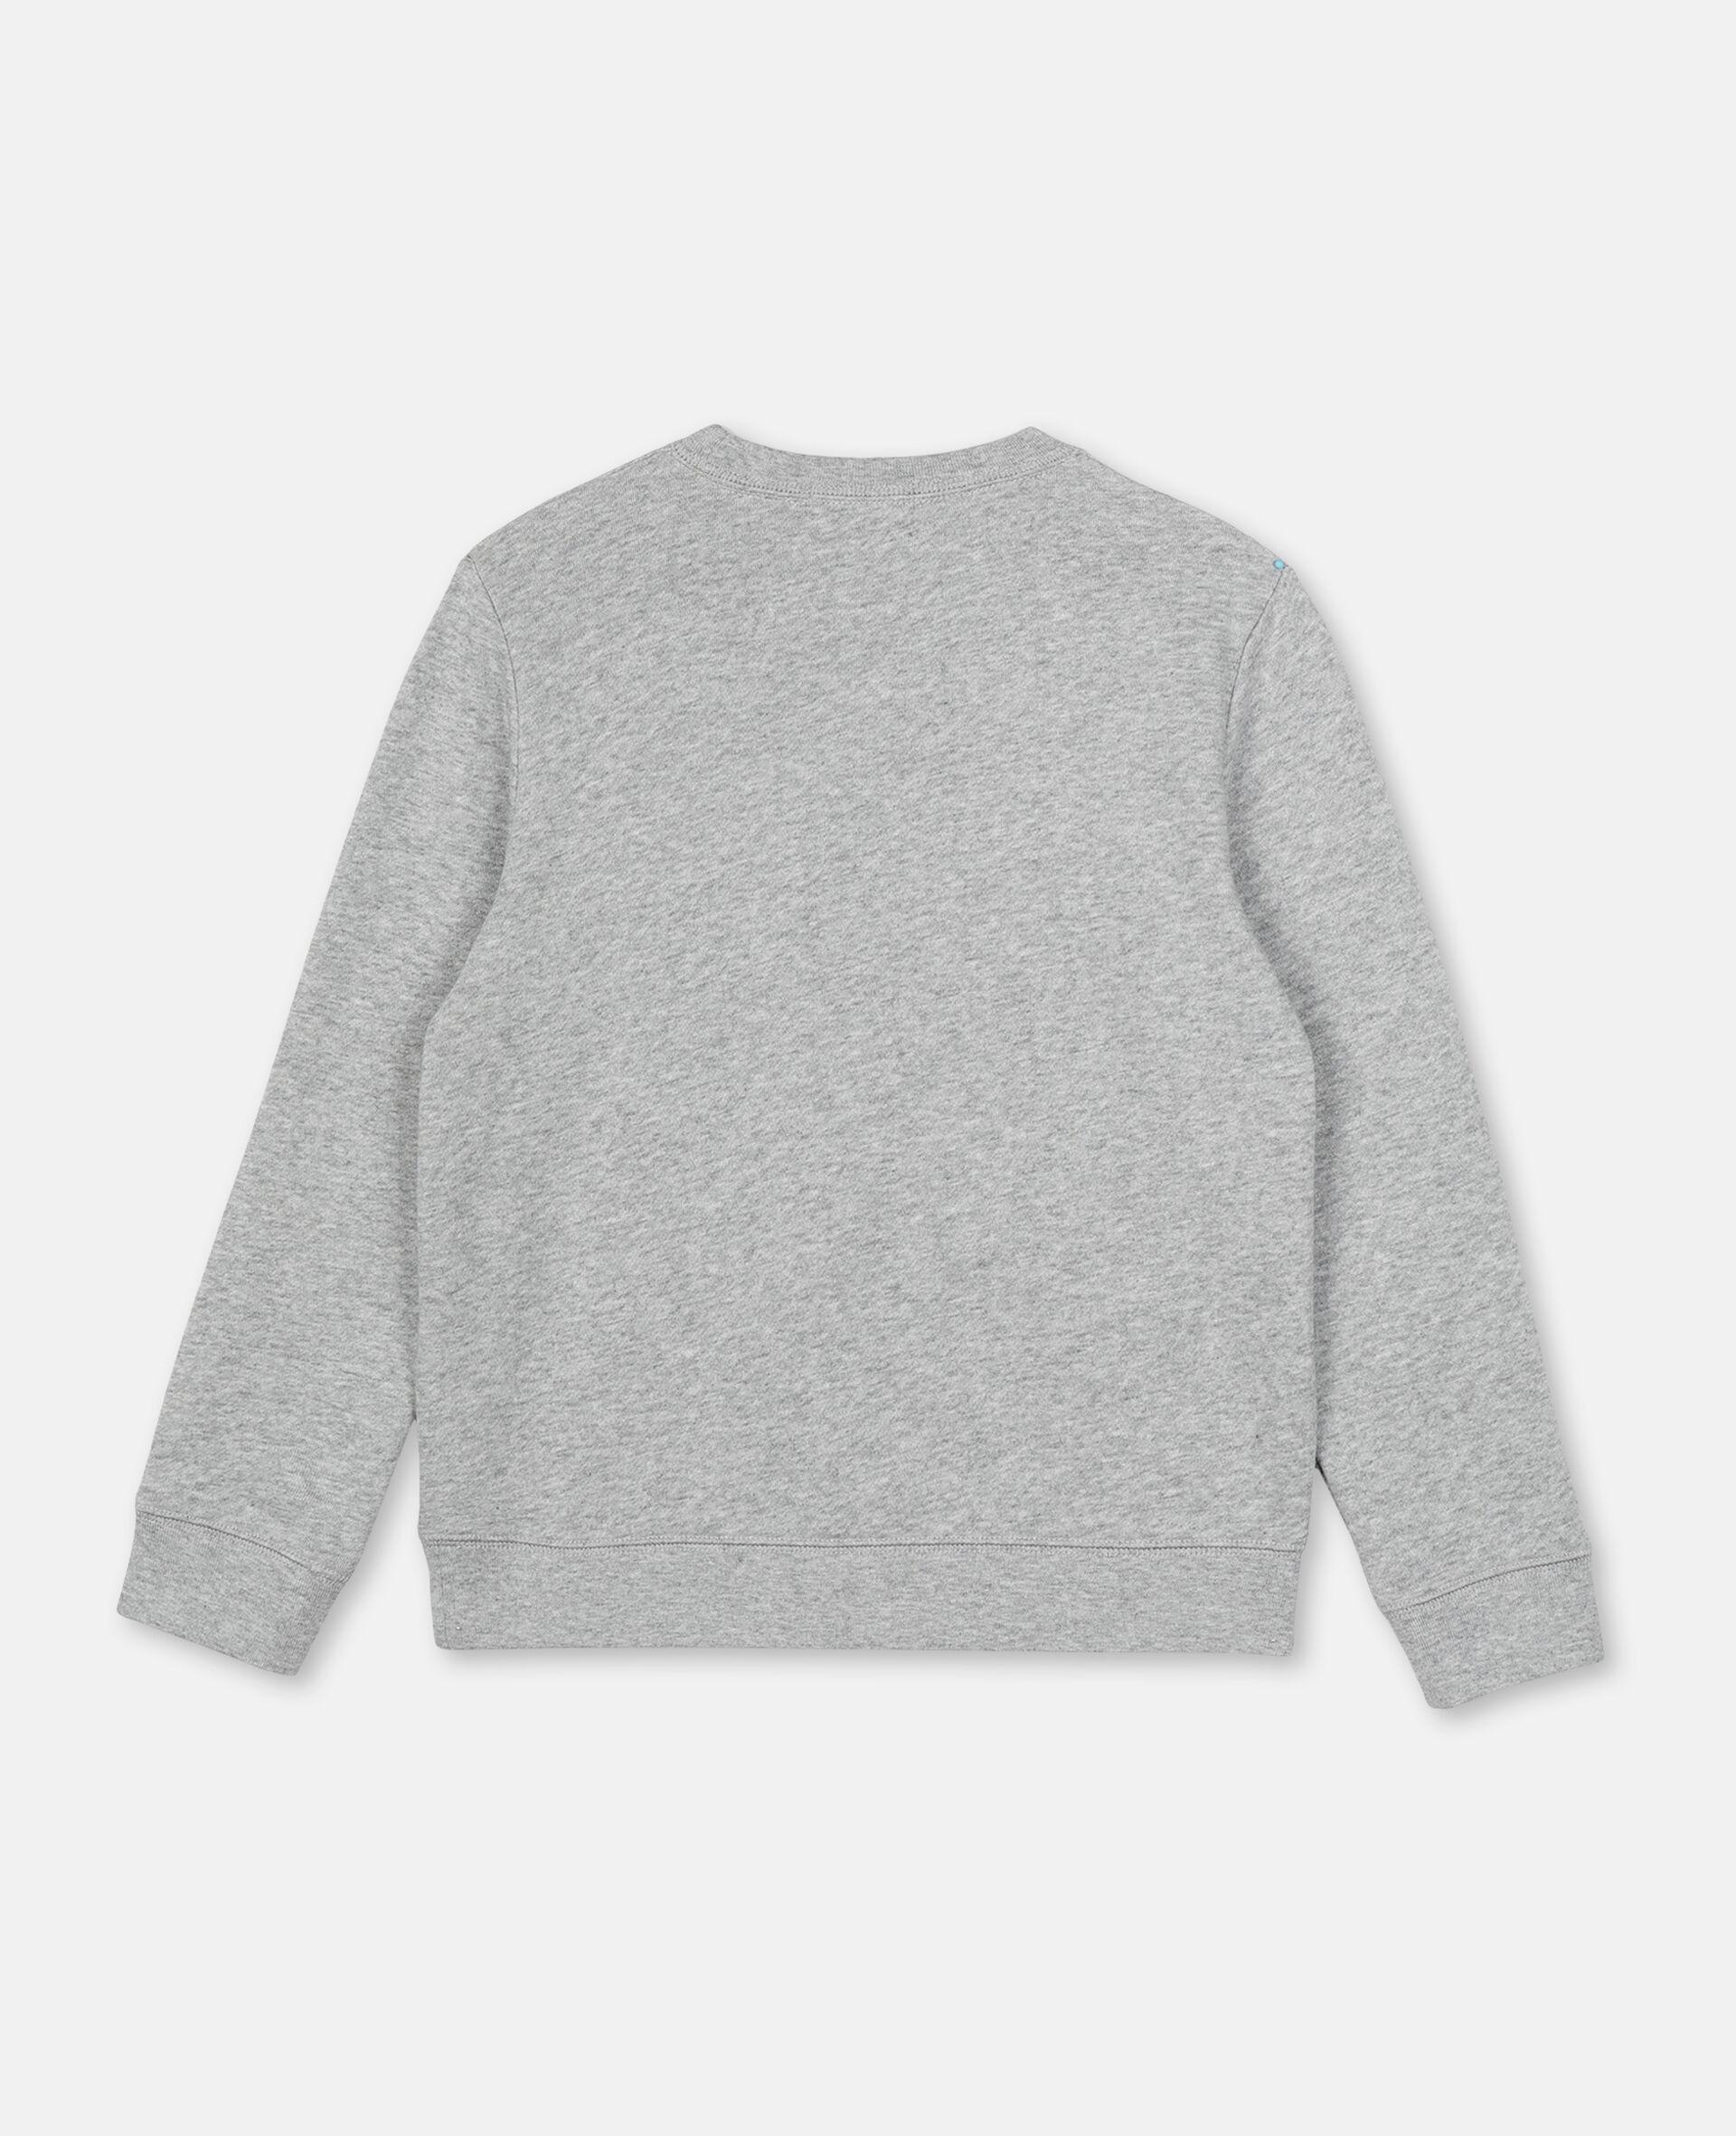 Pirate Cotton Sweatshirt -Grey-large image number 3